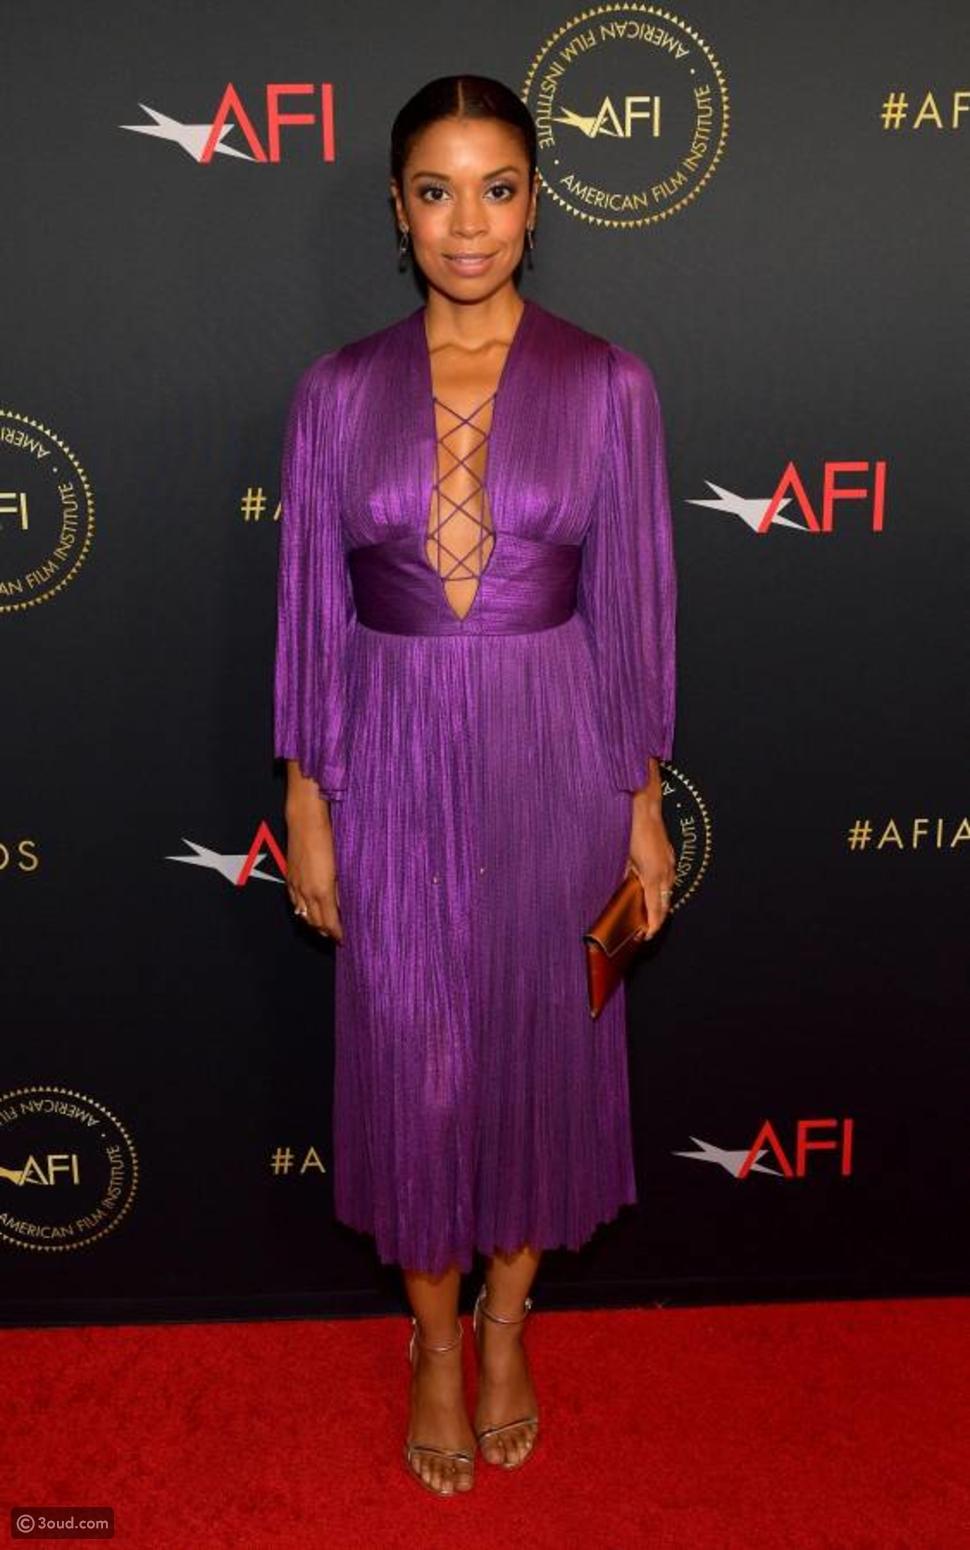 أجمل إطلالات حفل AFI AWARDS